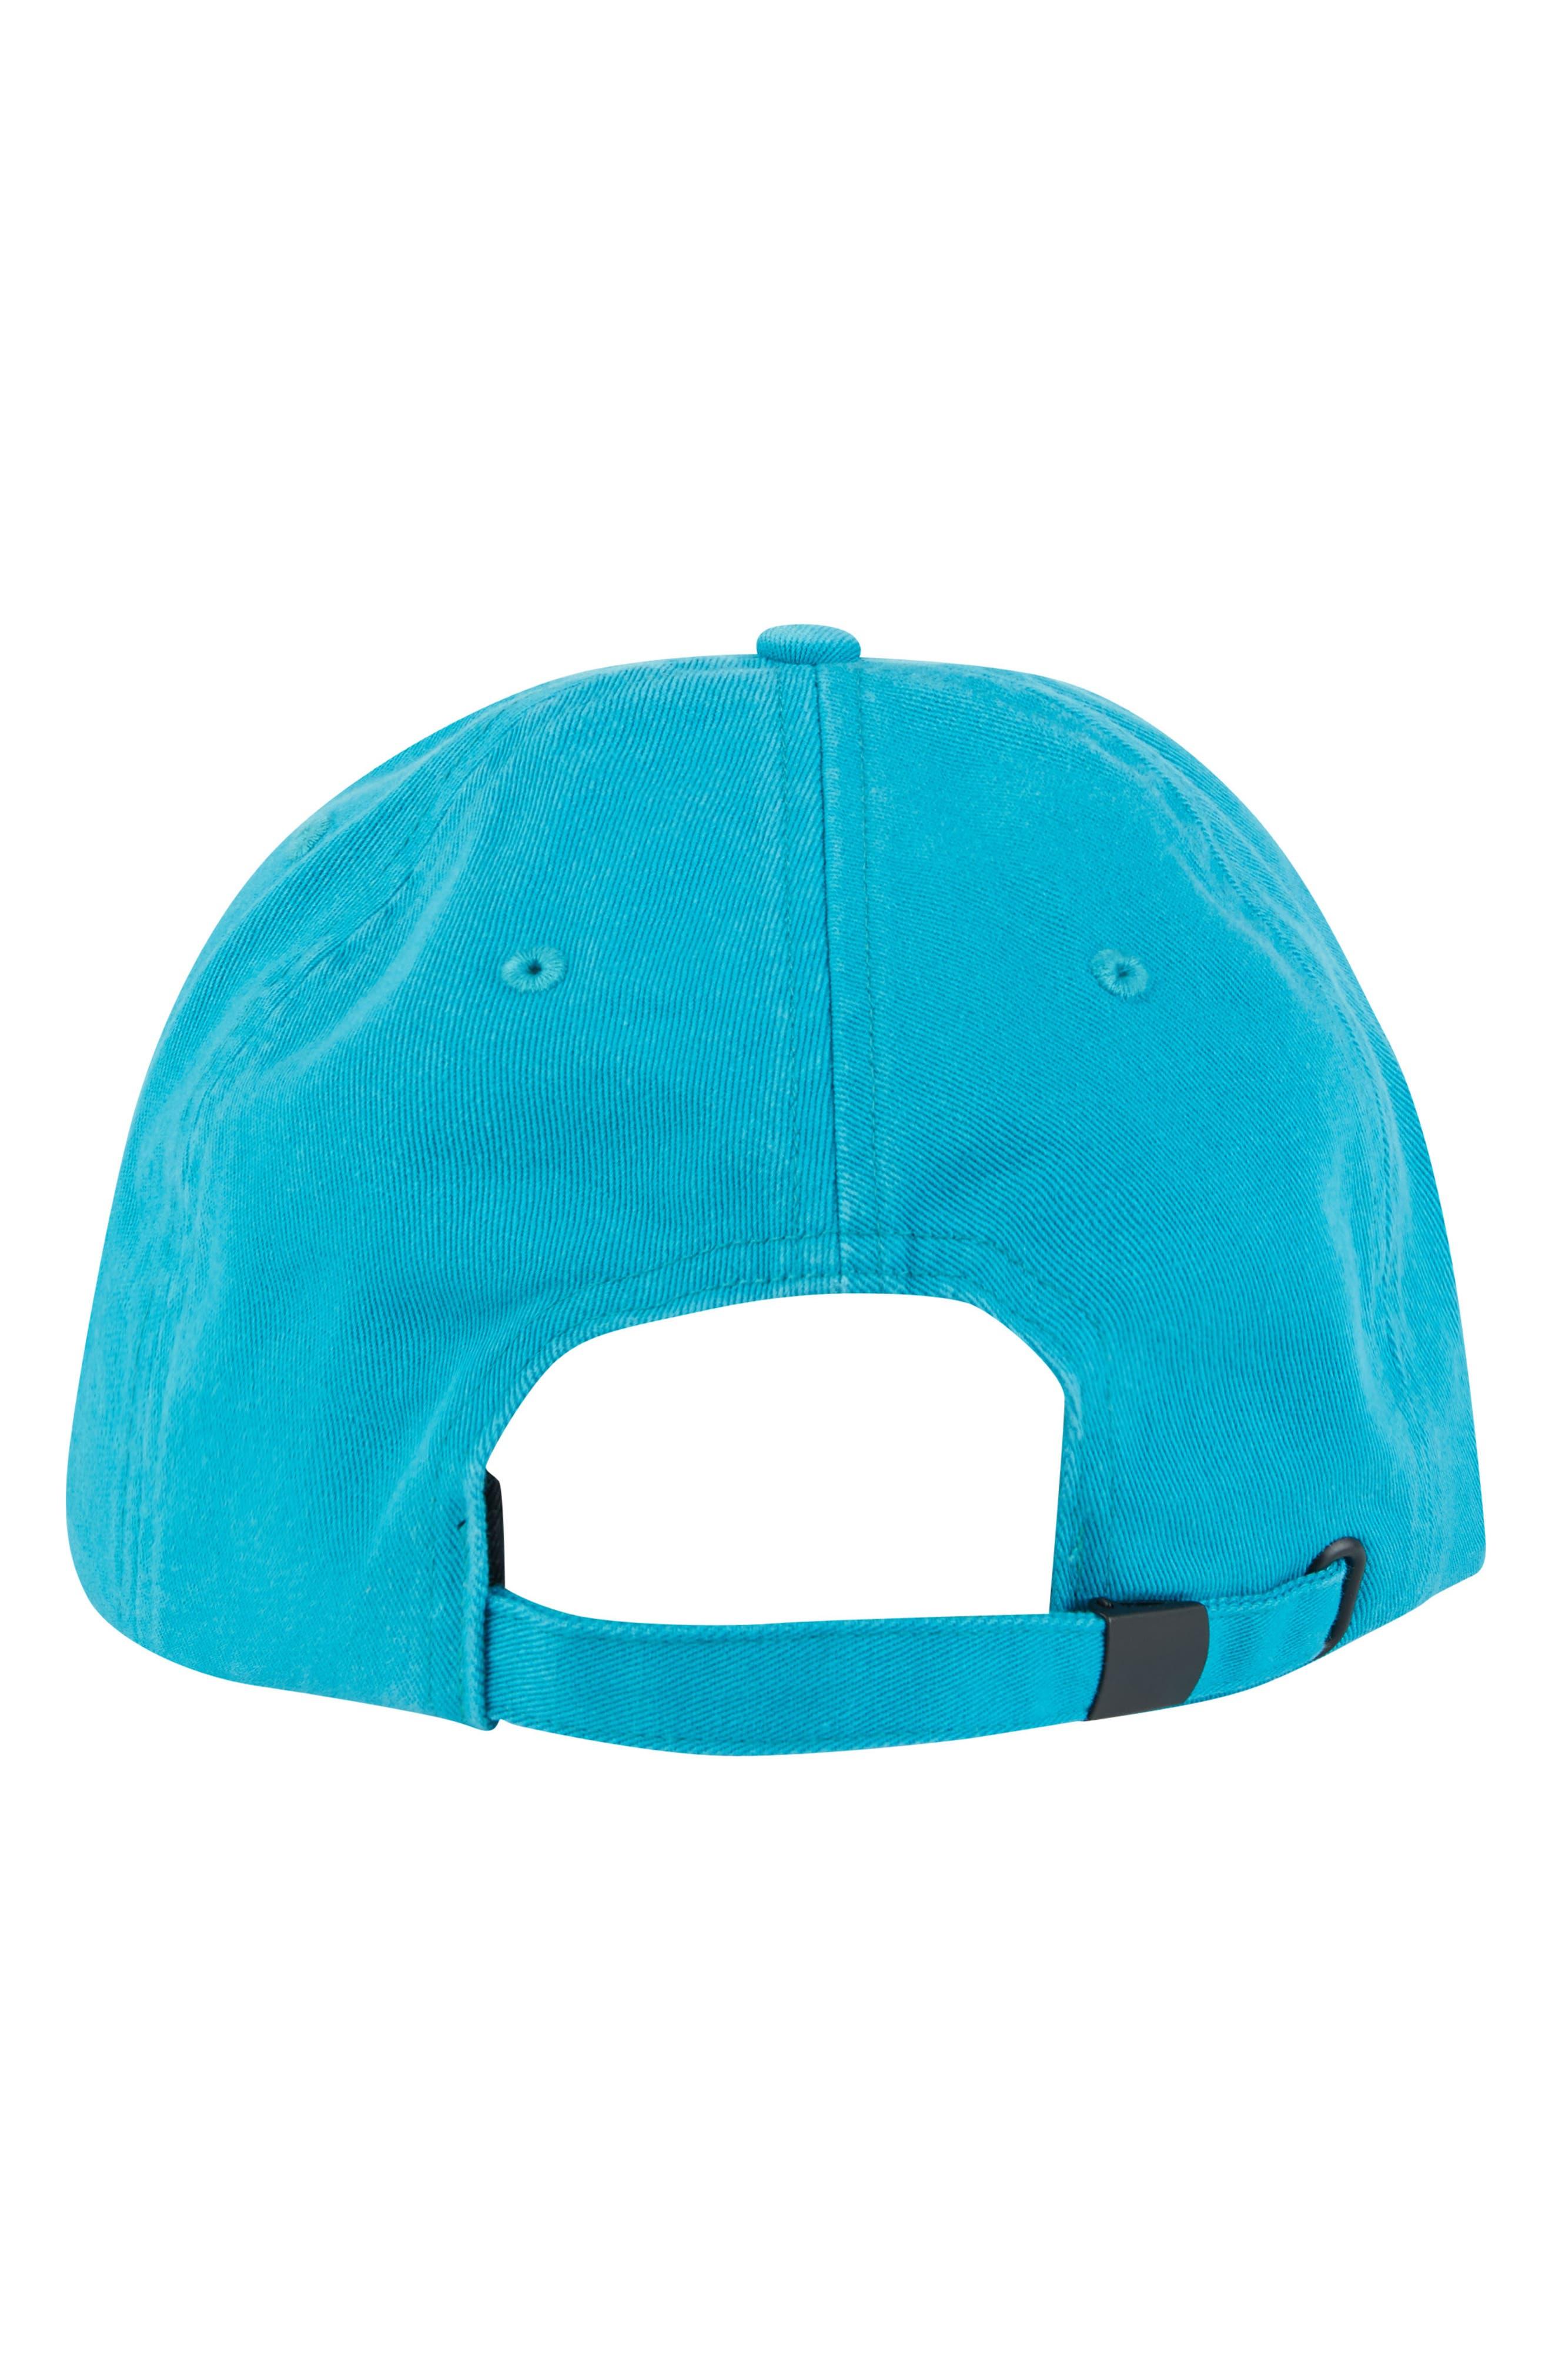 Die Cut Lad Hat,                             Alternate thumbnail 2, color,                             Turquoise